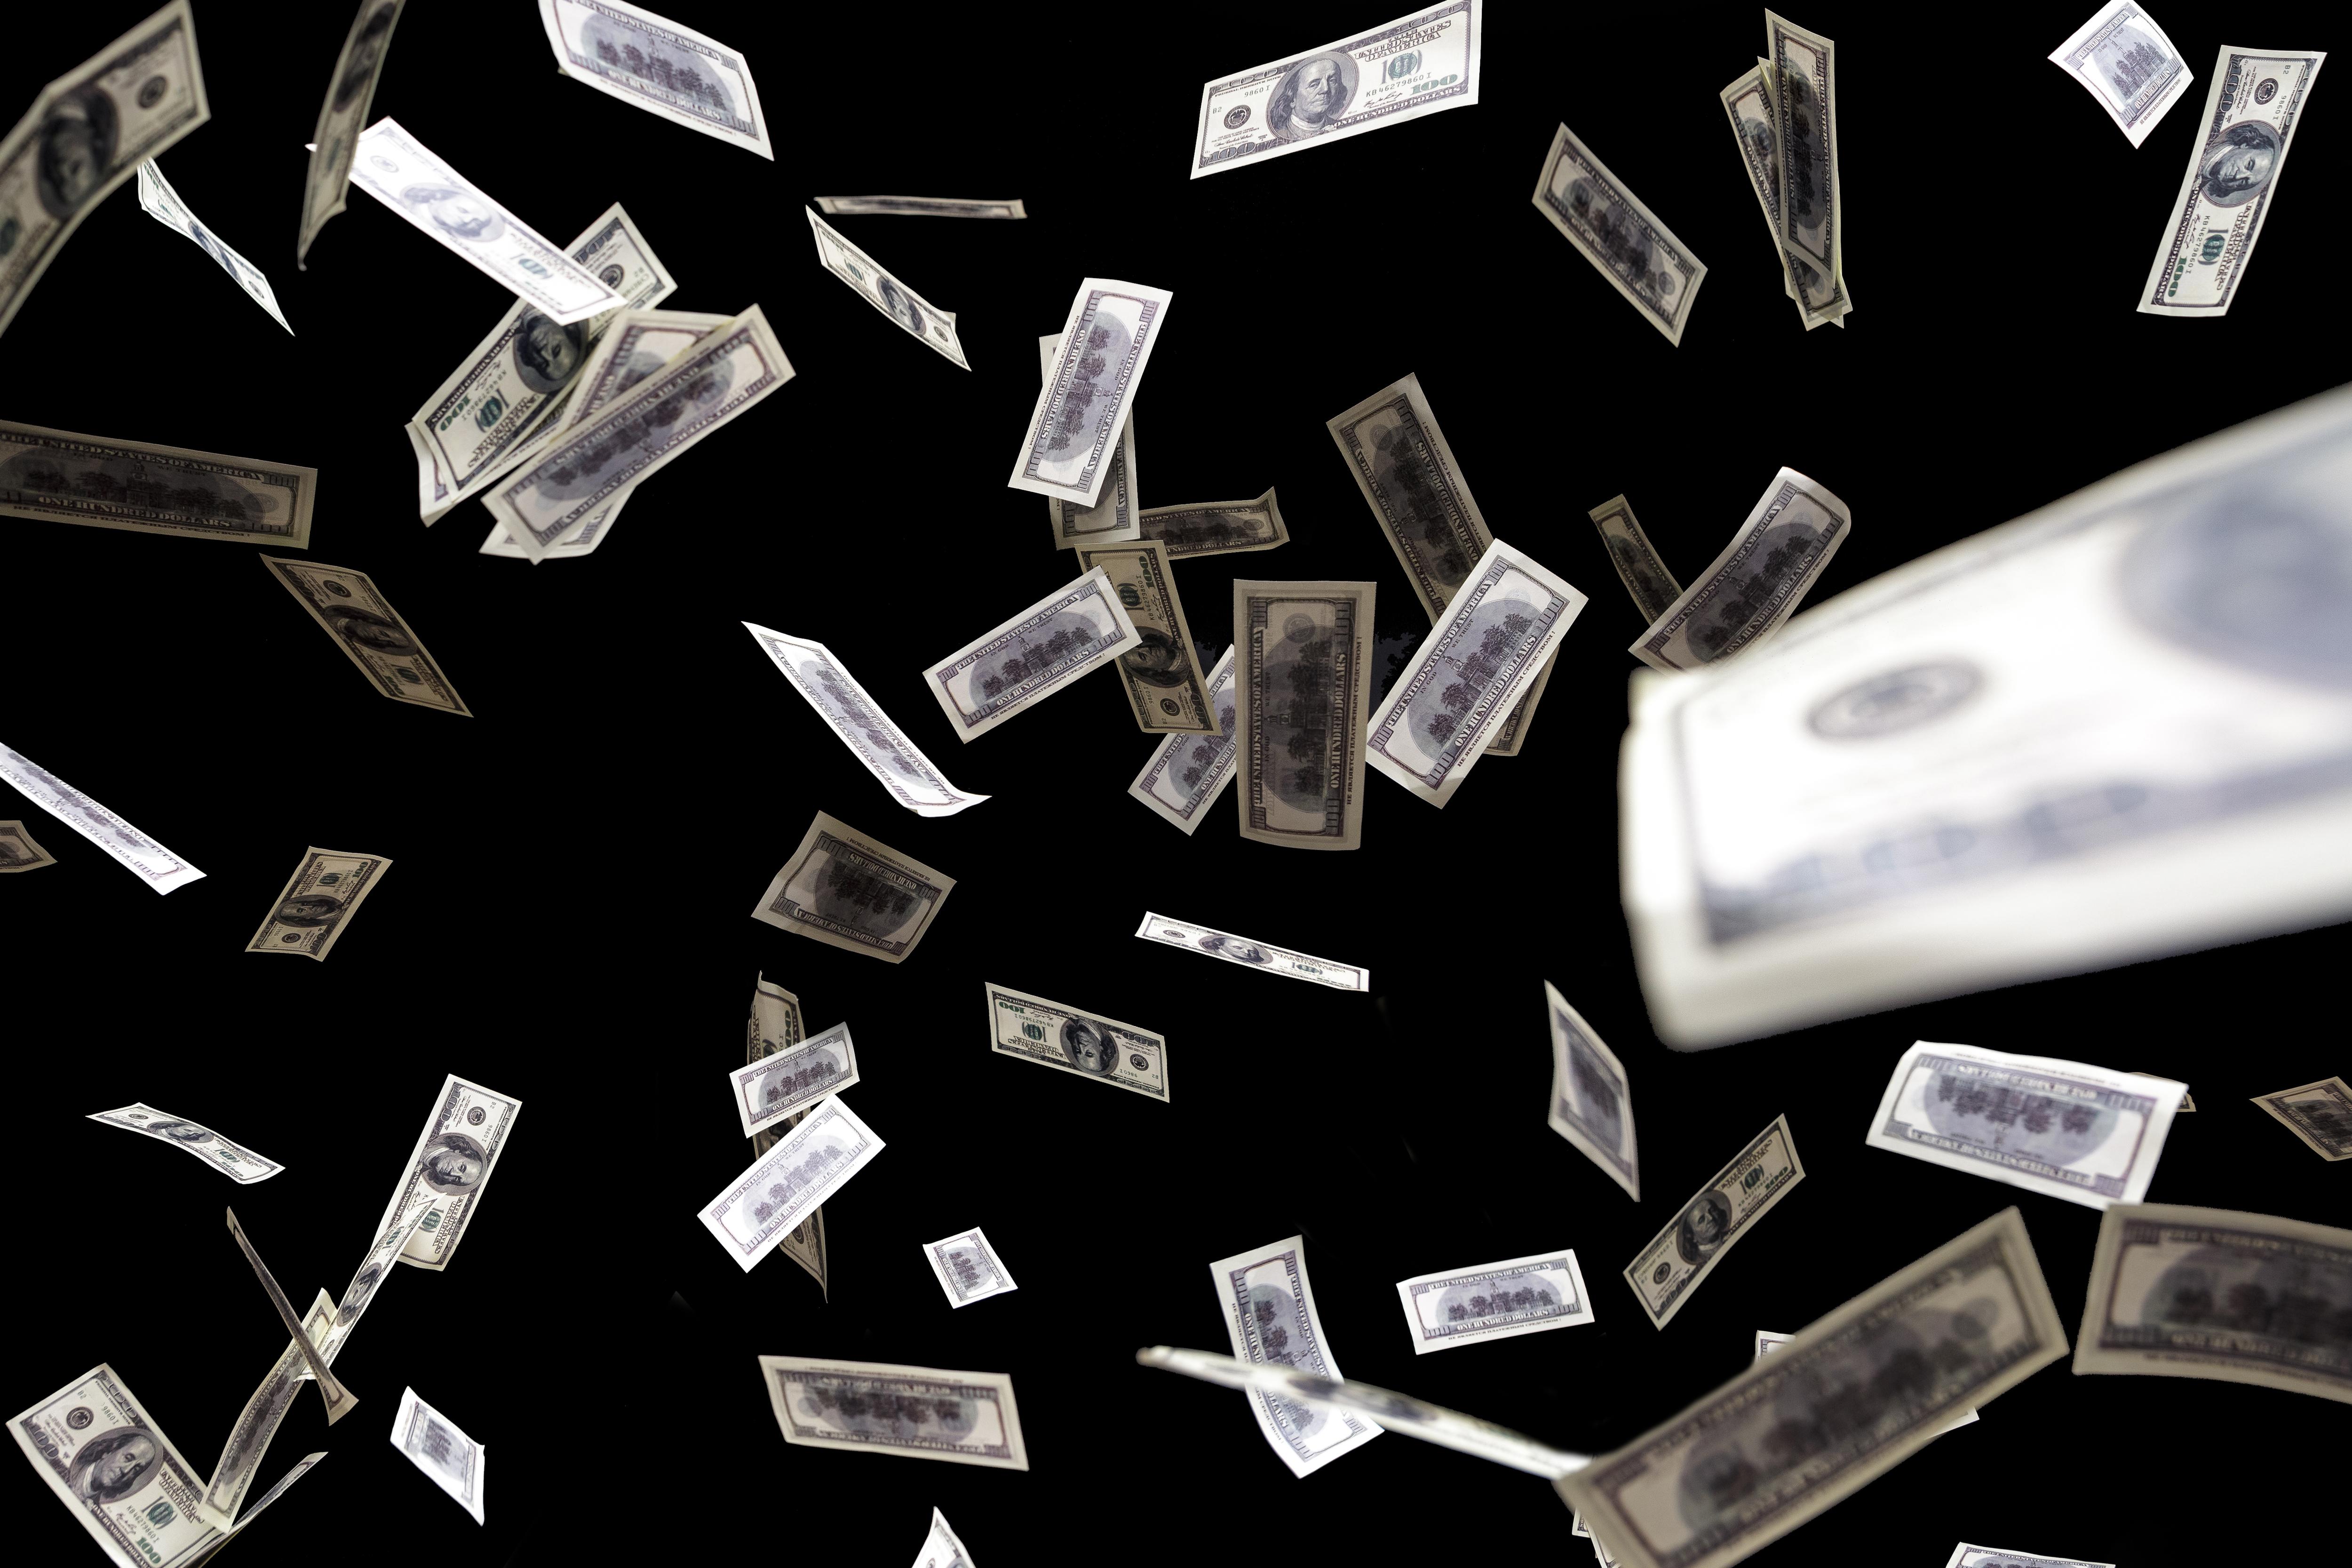 400 ألف دولار يوميا في مهب الريح